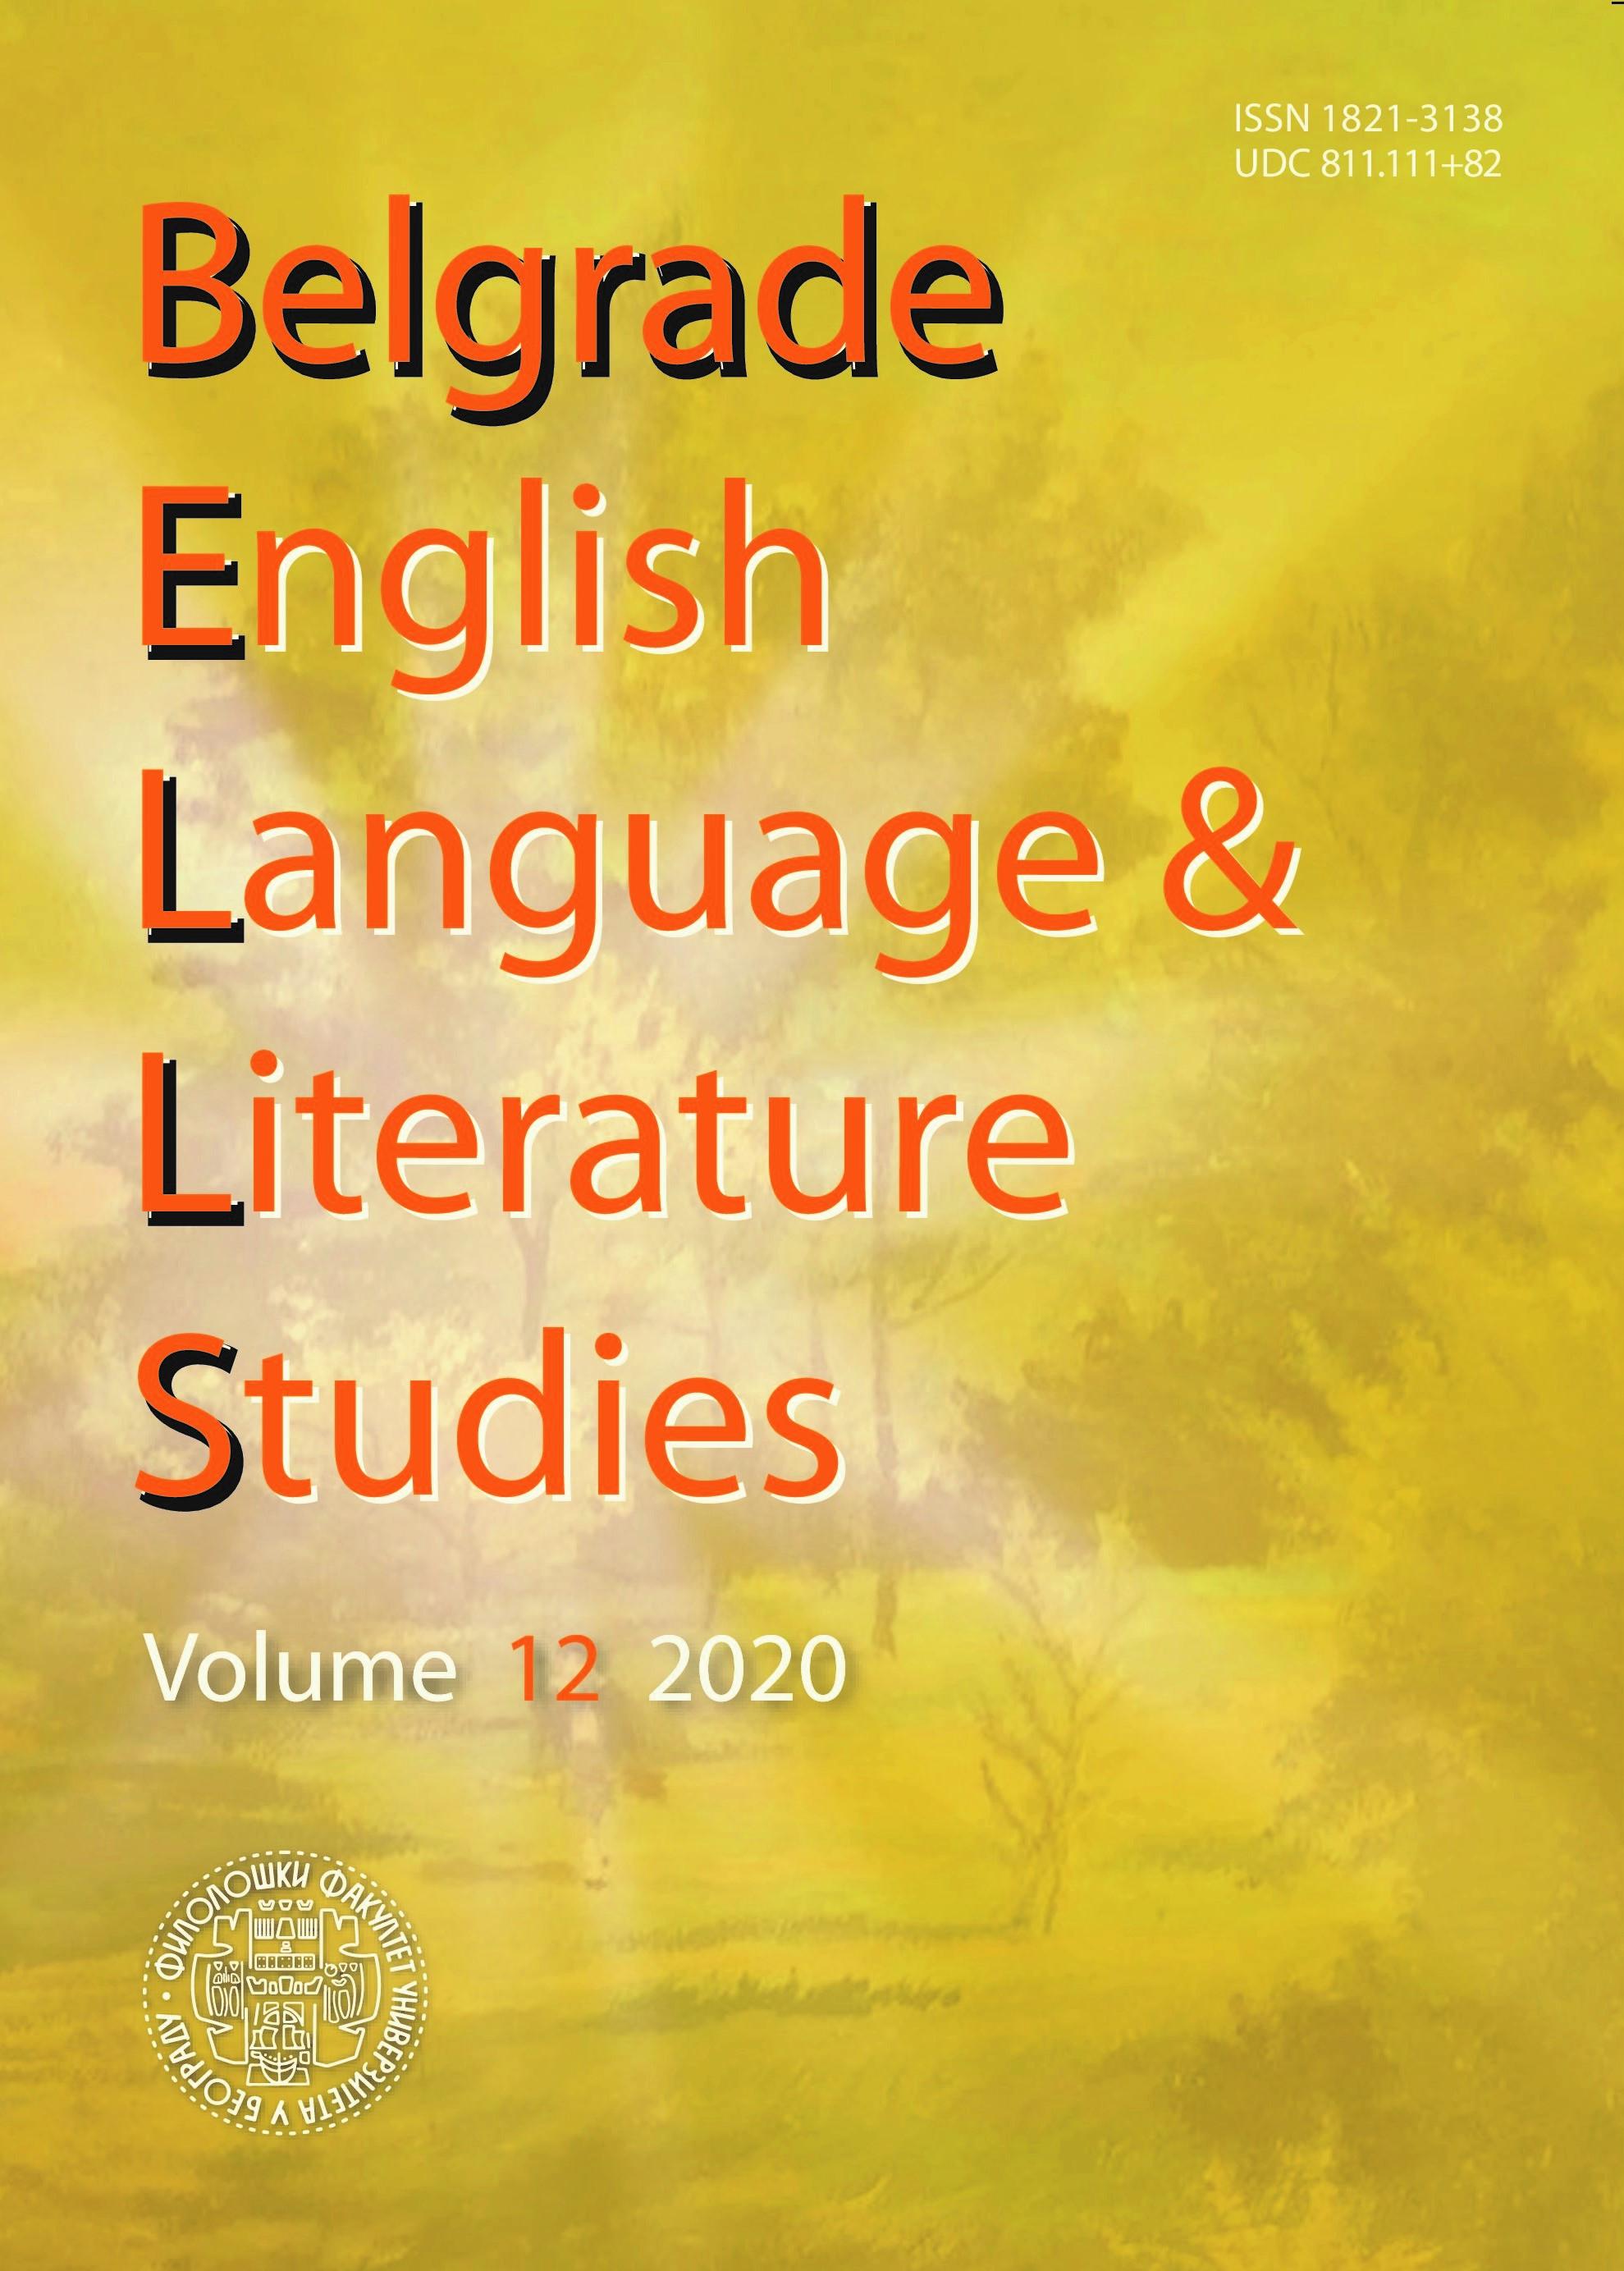 View Vol. 12 No. 1 (2020): BELLS - volume 12